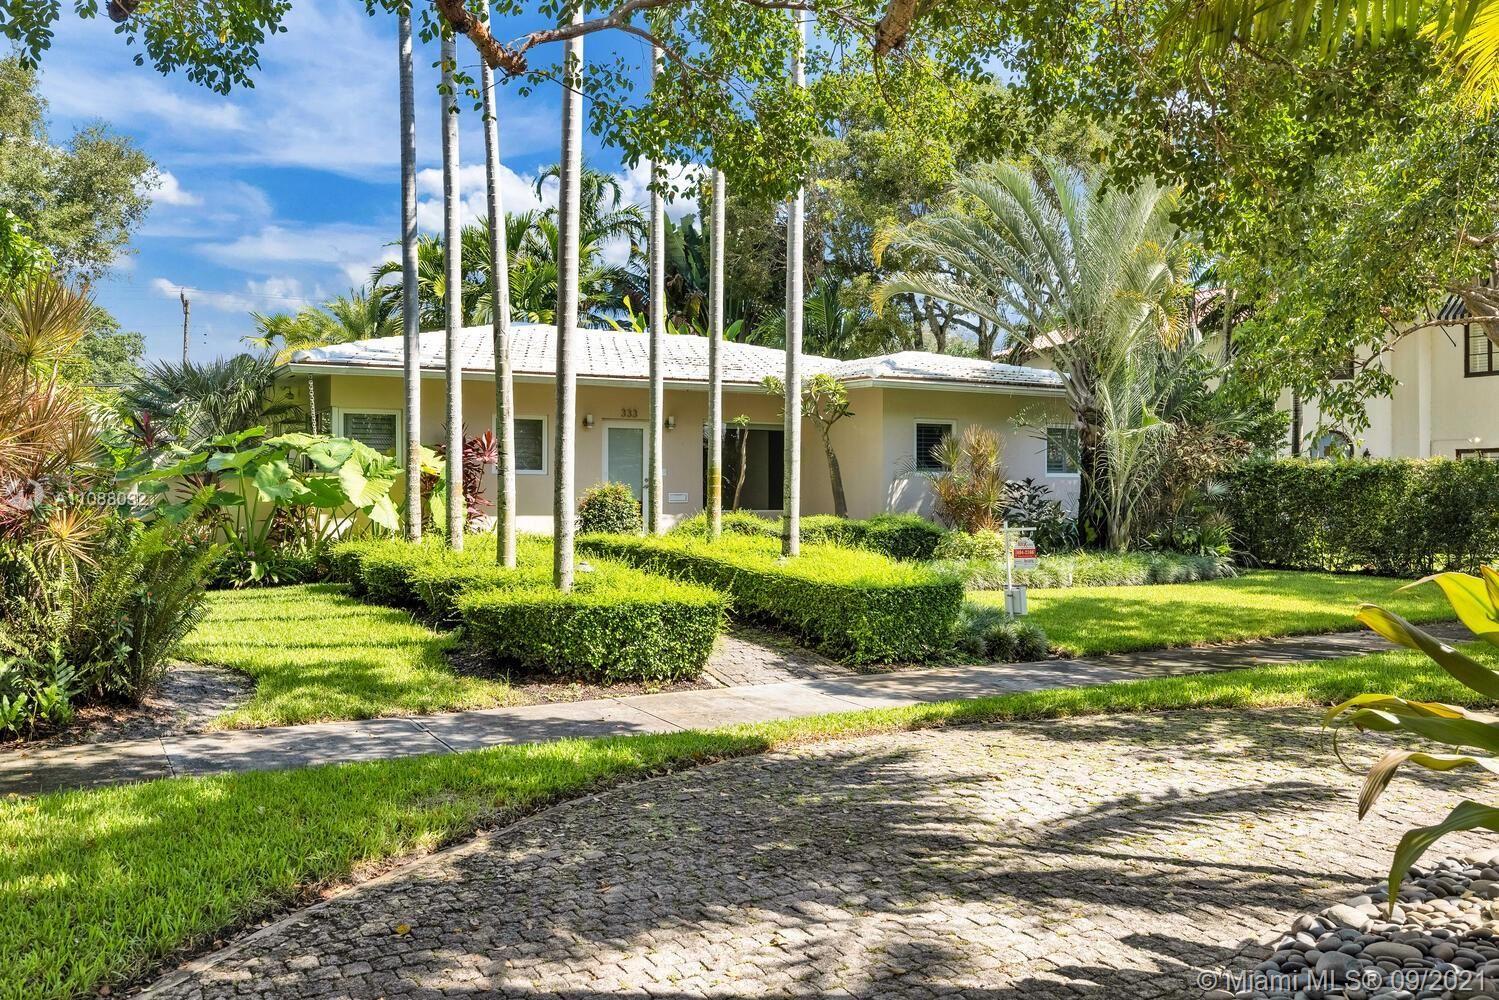 333 NE 91 St, Miami Shores, FL 33138 - #: A11088032